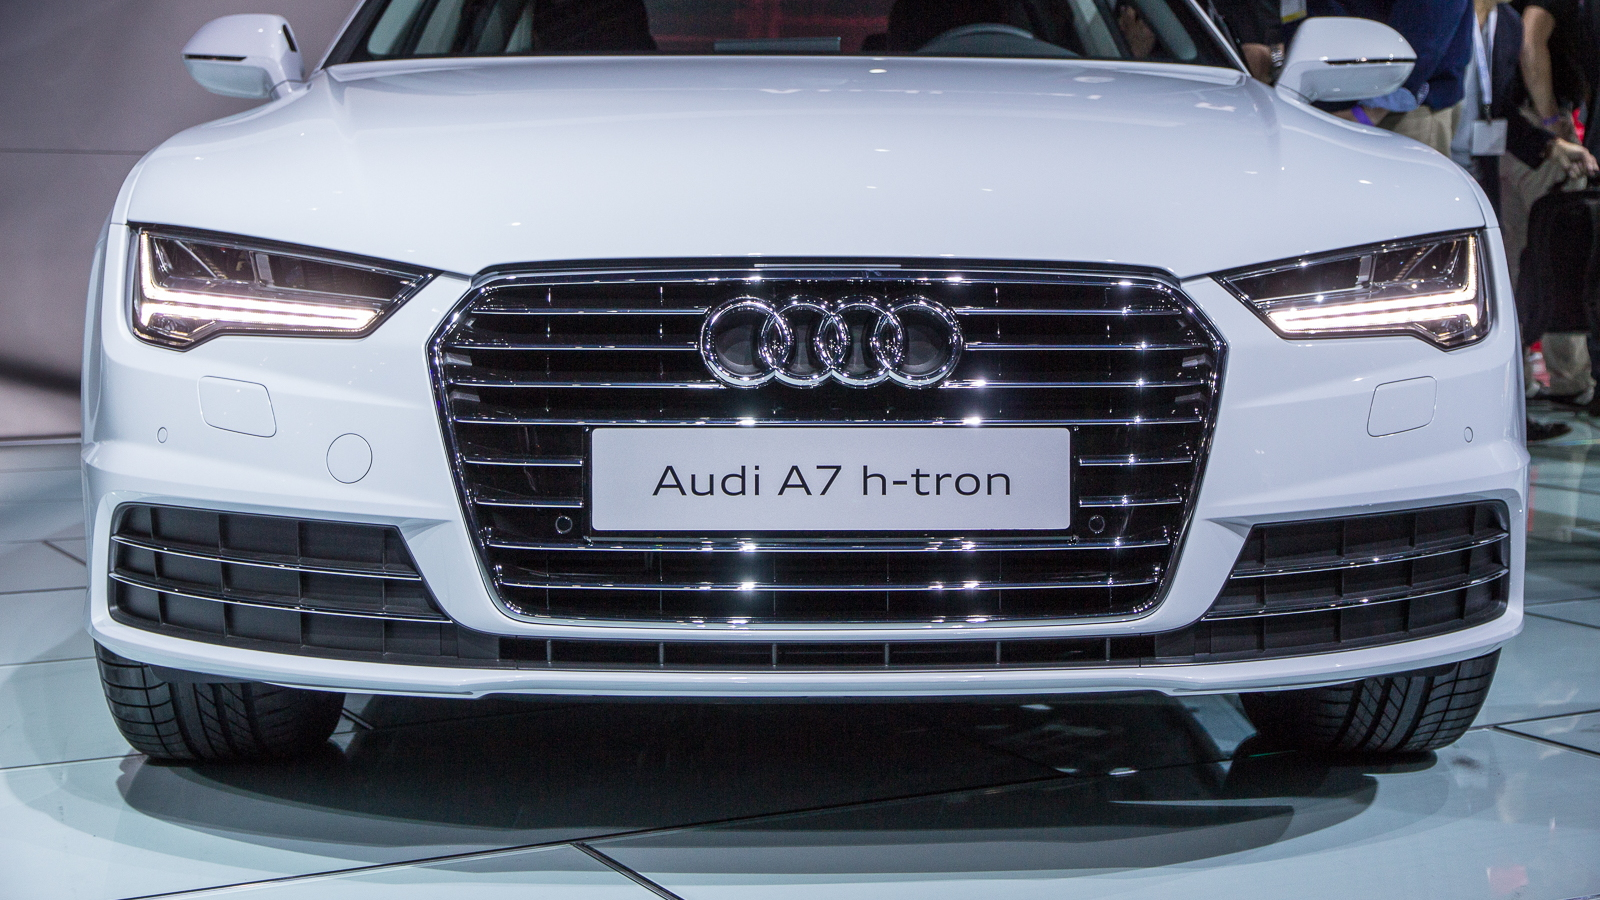 Audi A7 h-tron quattro, 2014 Los Angeles Auto Show